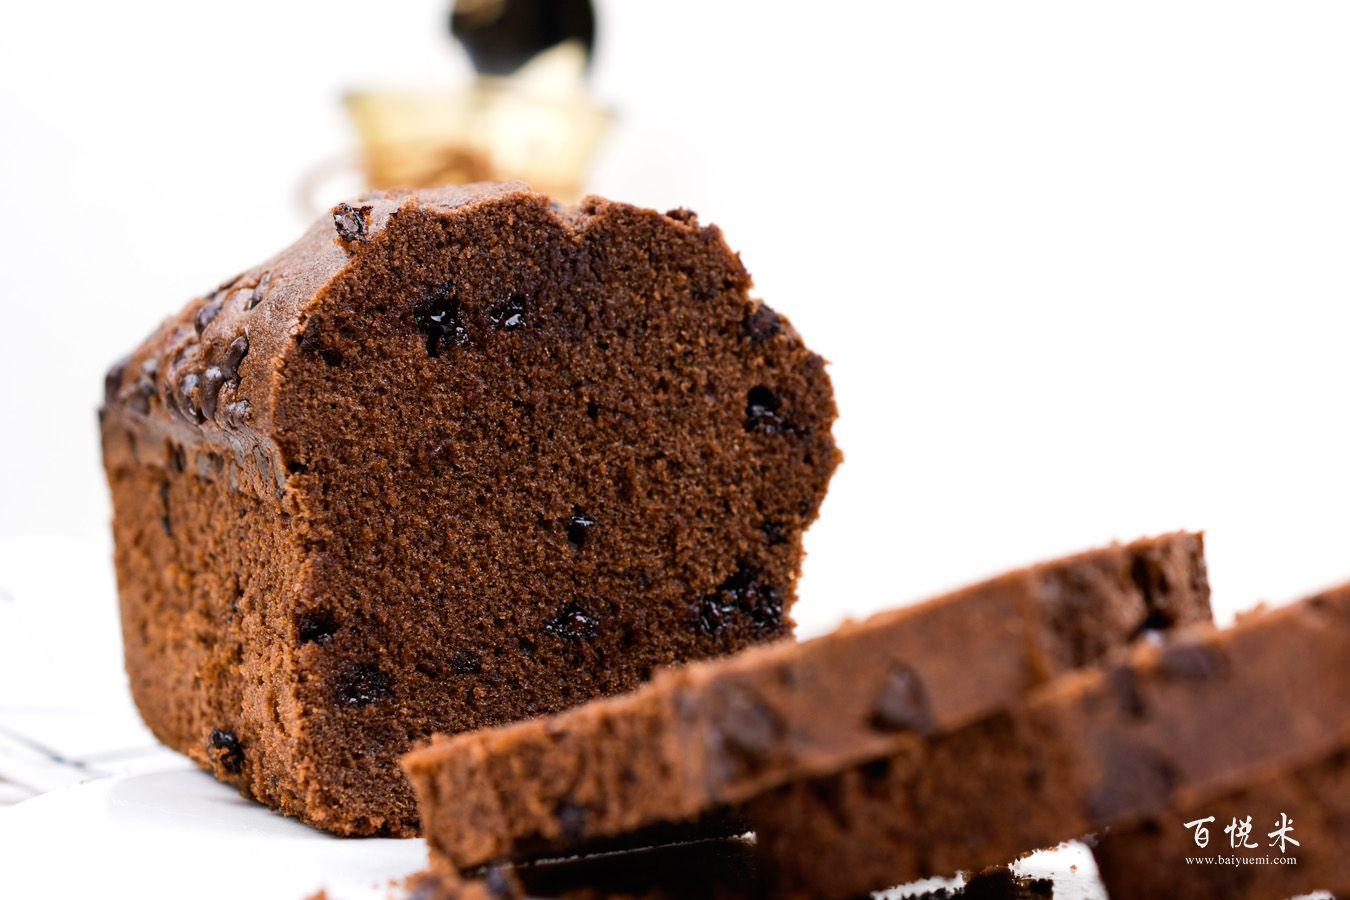 巧克力磅蛋糕的做法大全,巧克力磅蛋糕培训图文步骤详解